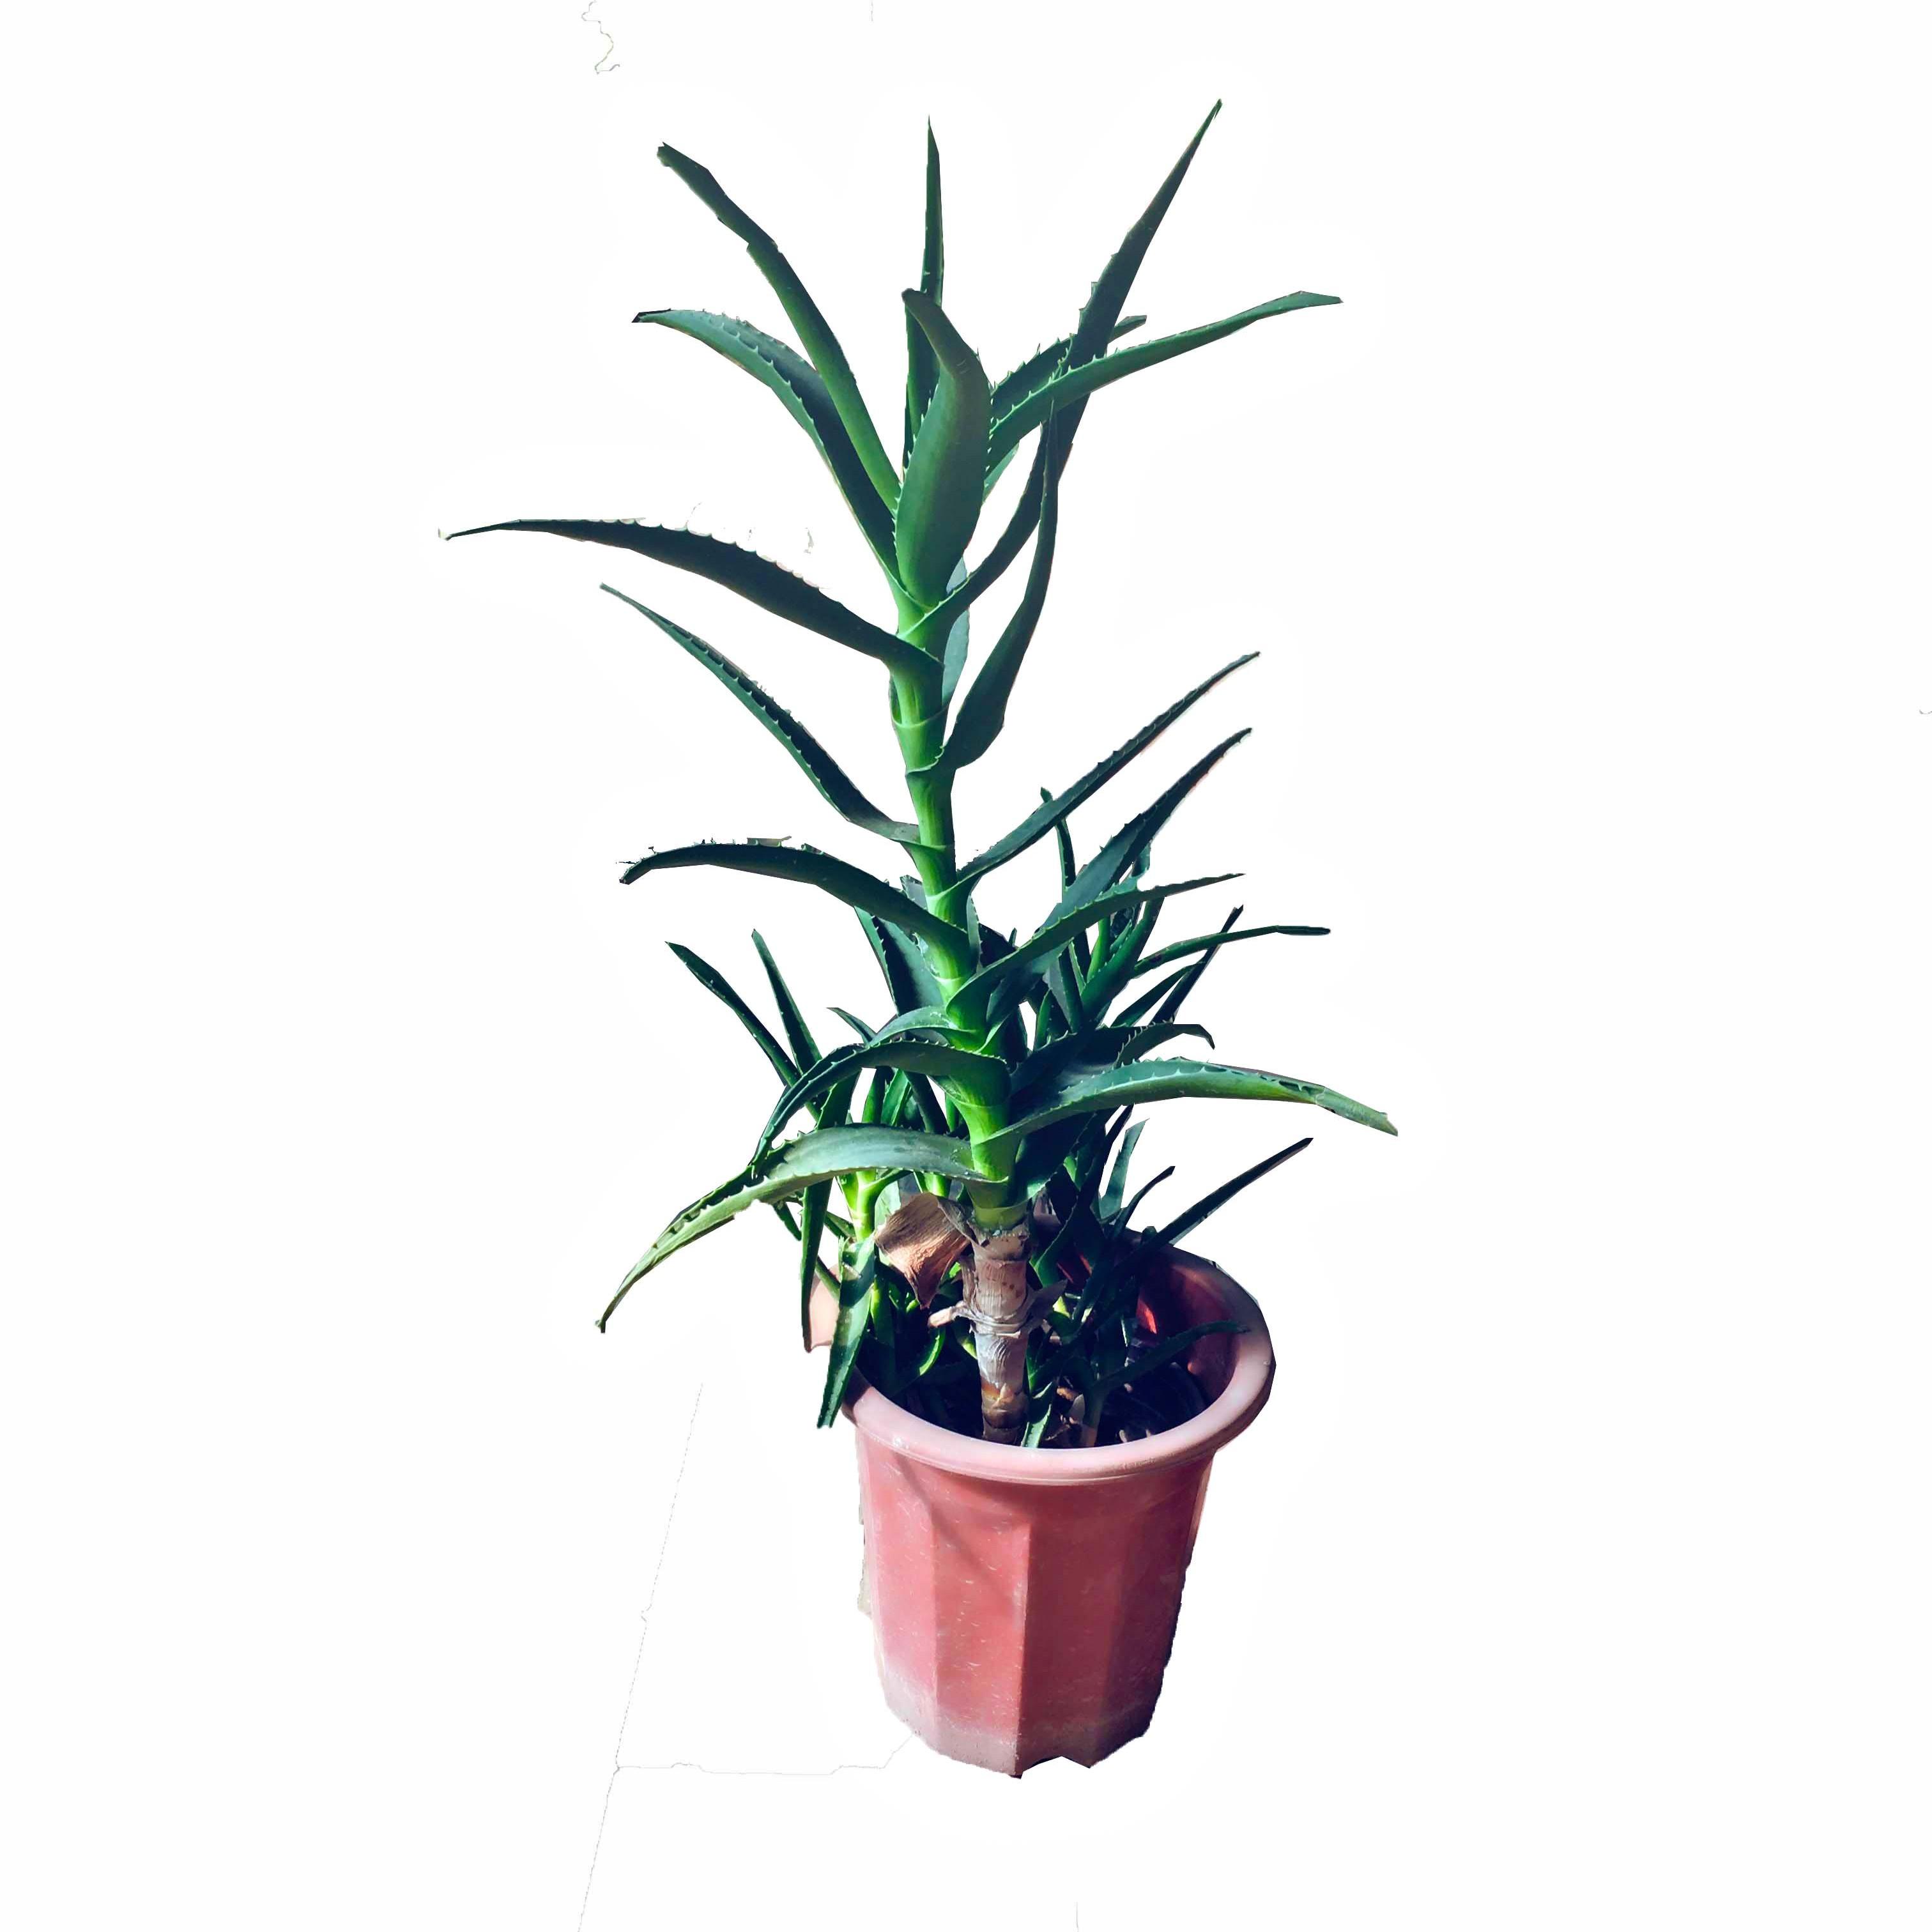 蓝达 芦荟盆栽植物美容蓝达芦荟室内花卉盆栽净化空气芦荟植物